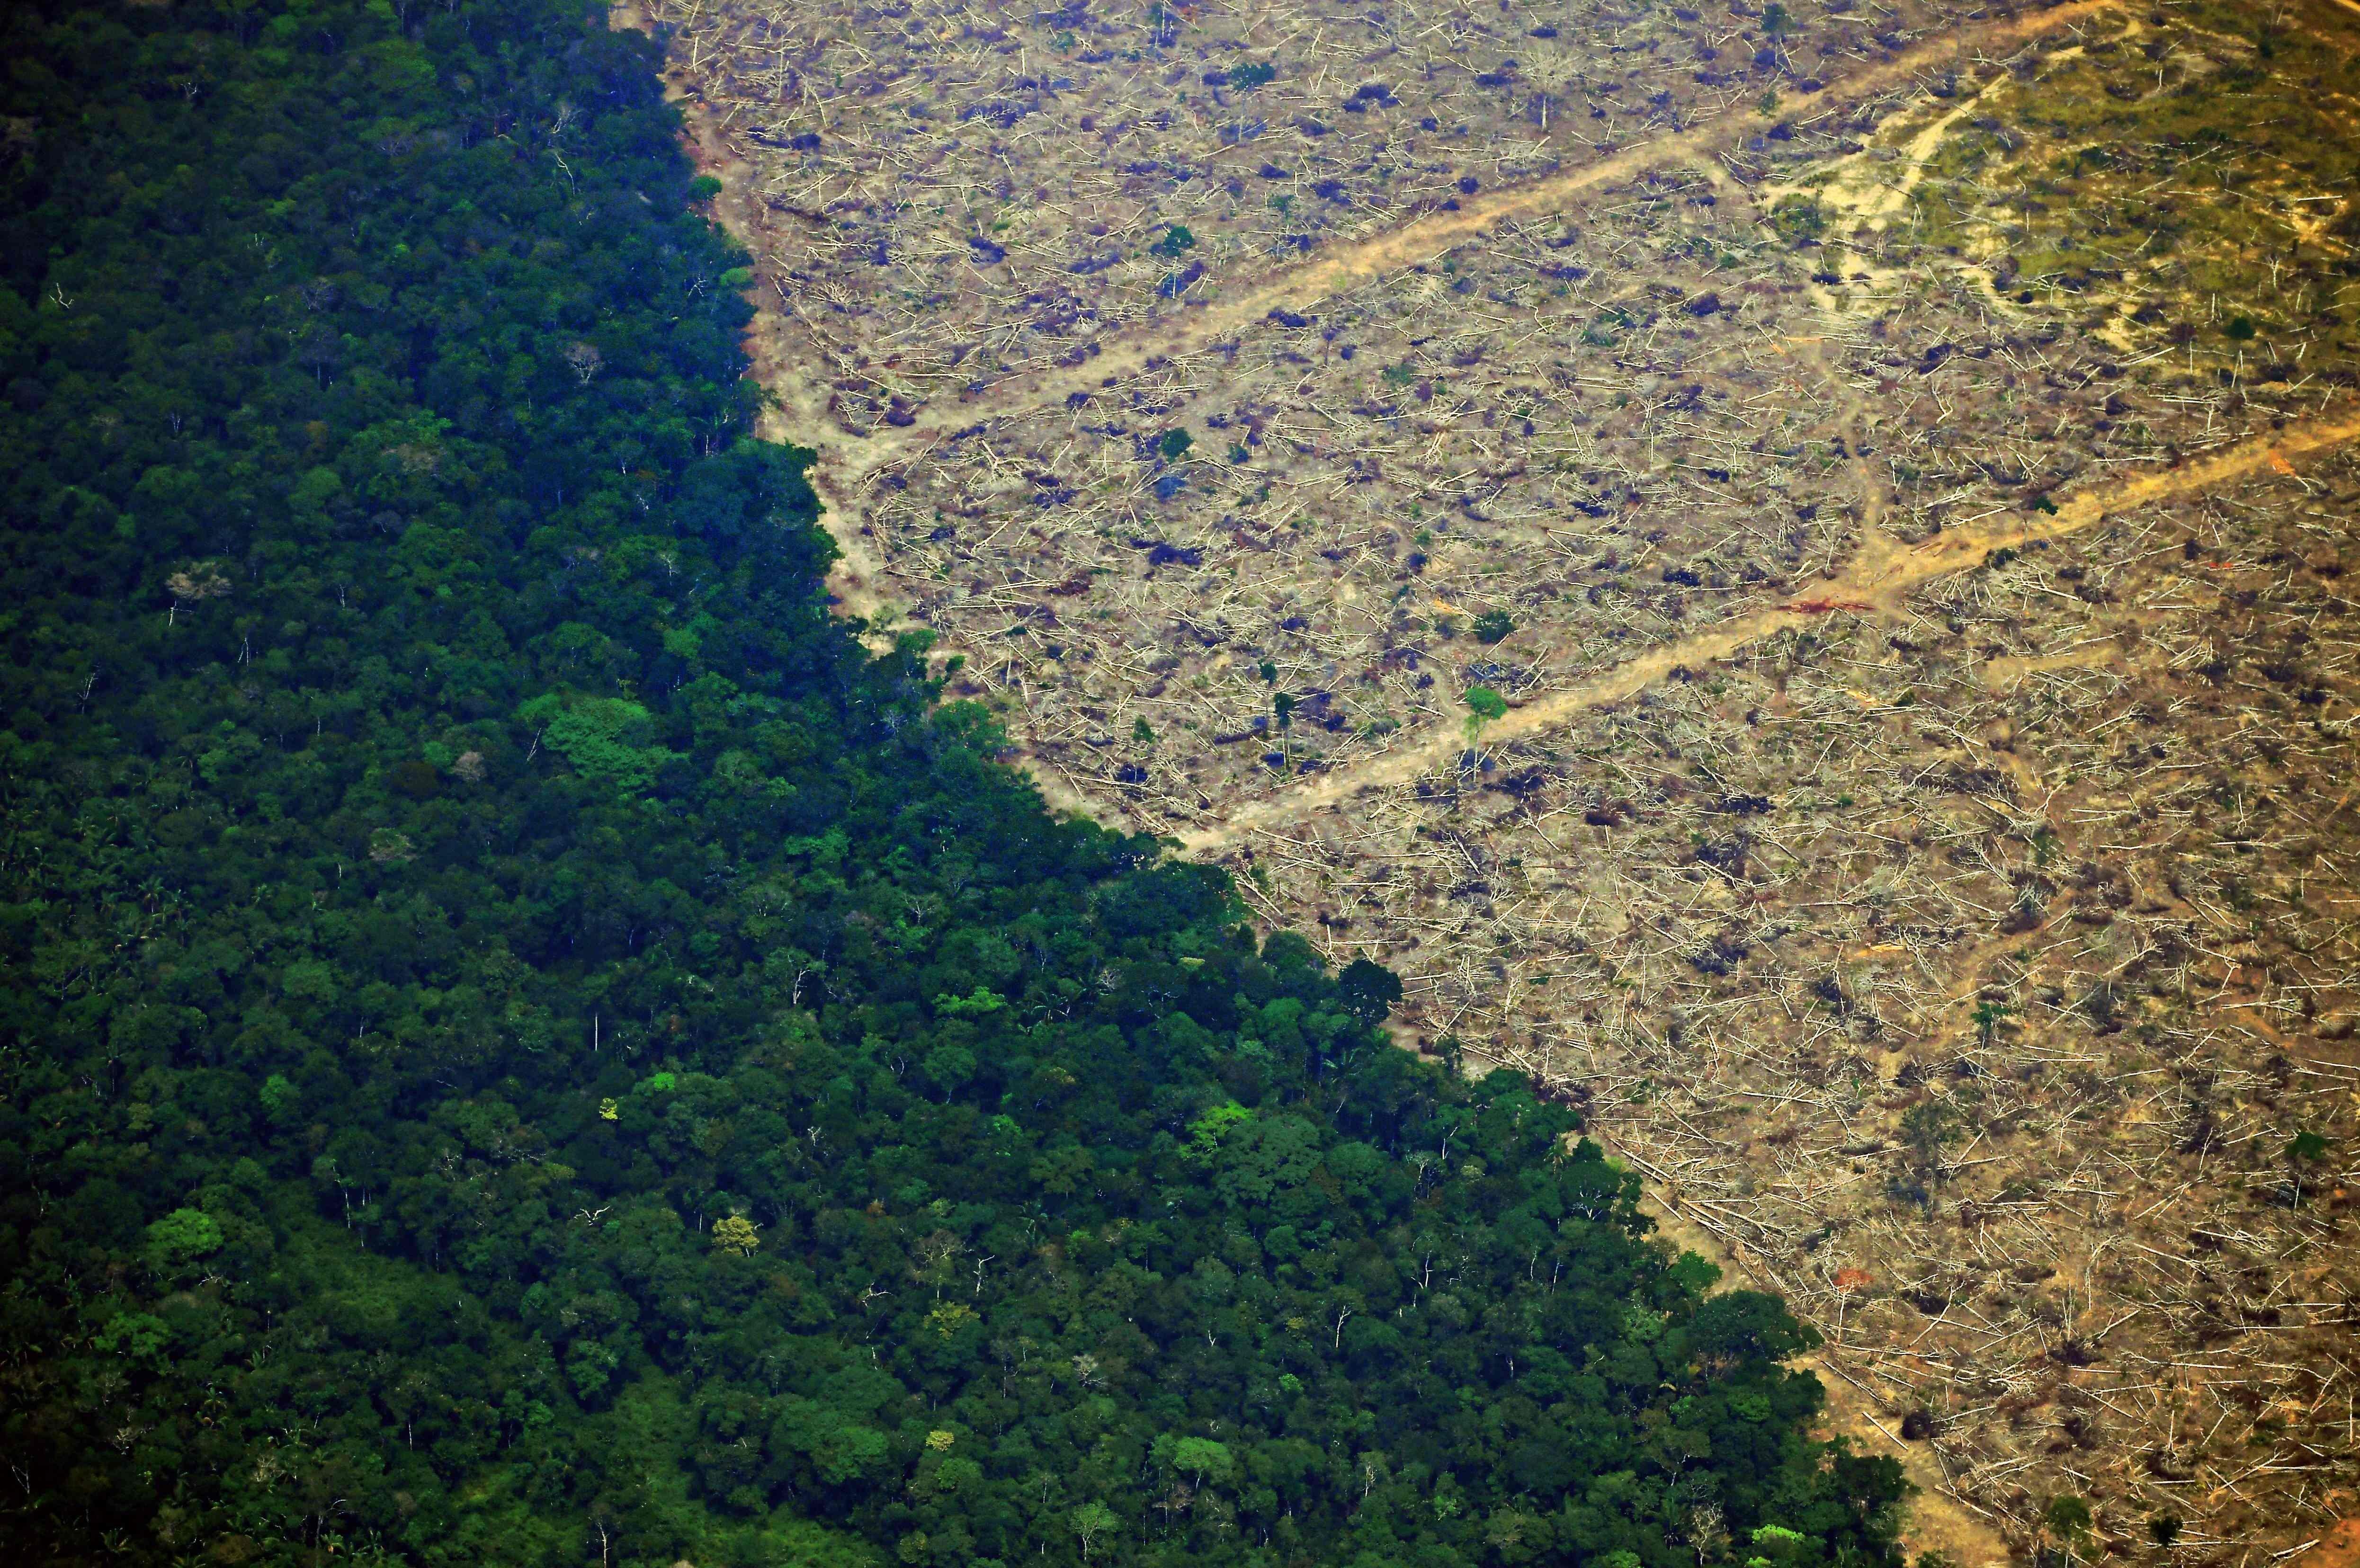 Foto da Amazônia em 23 de agosto de 2019